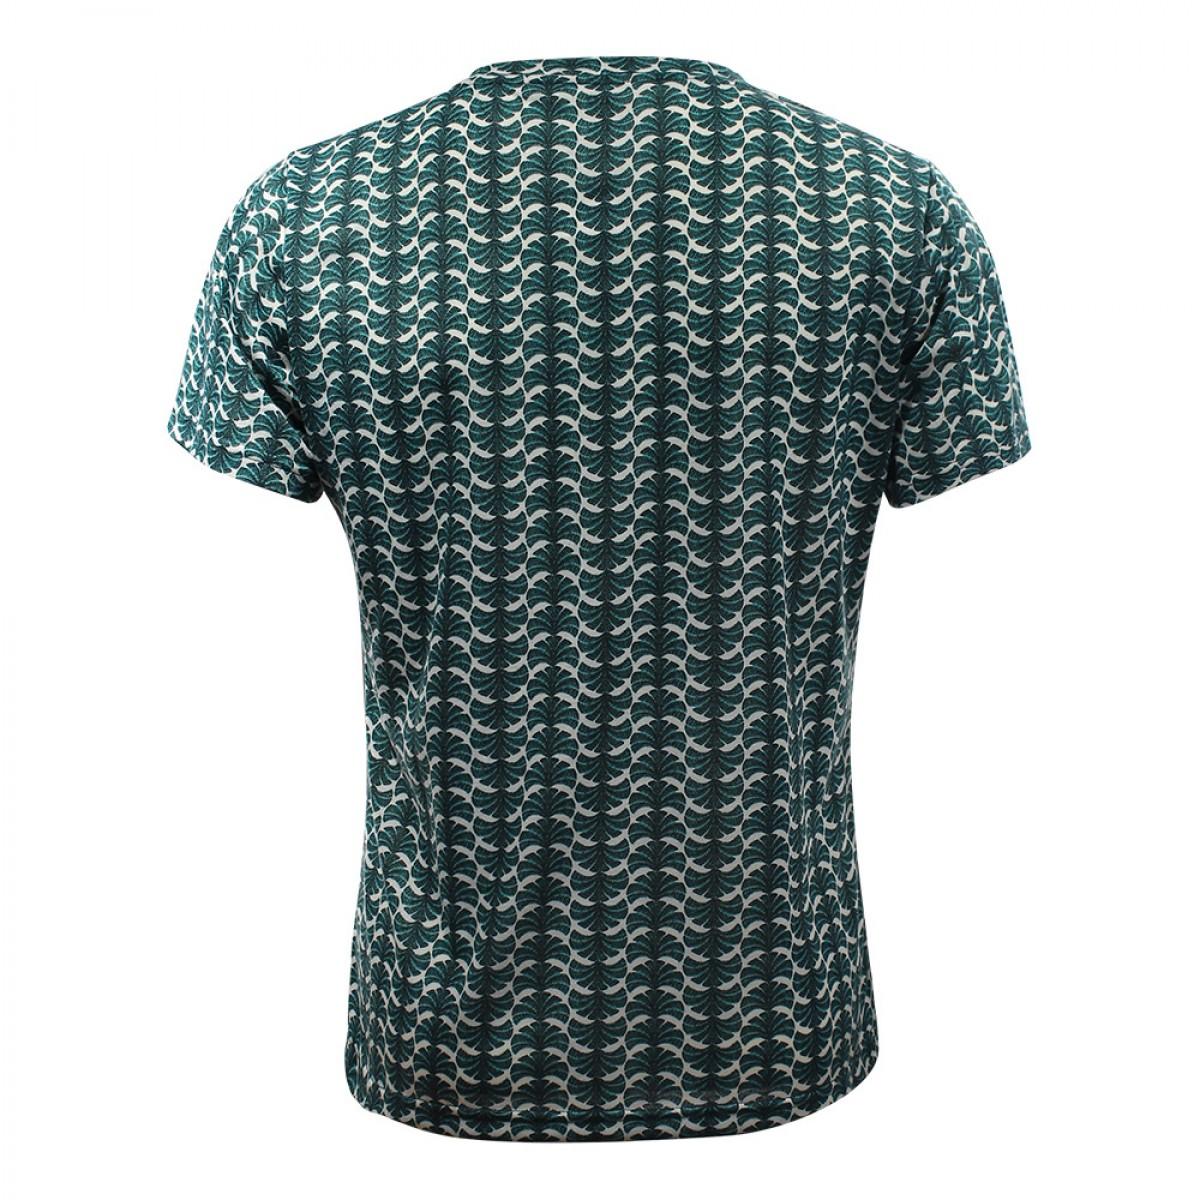 women-knitted-round-neck-t-shirt-kkrt16939-6b